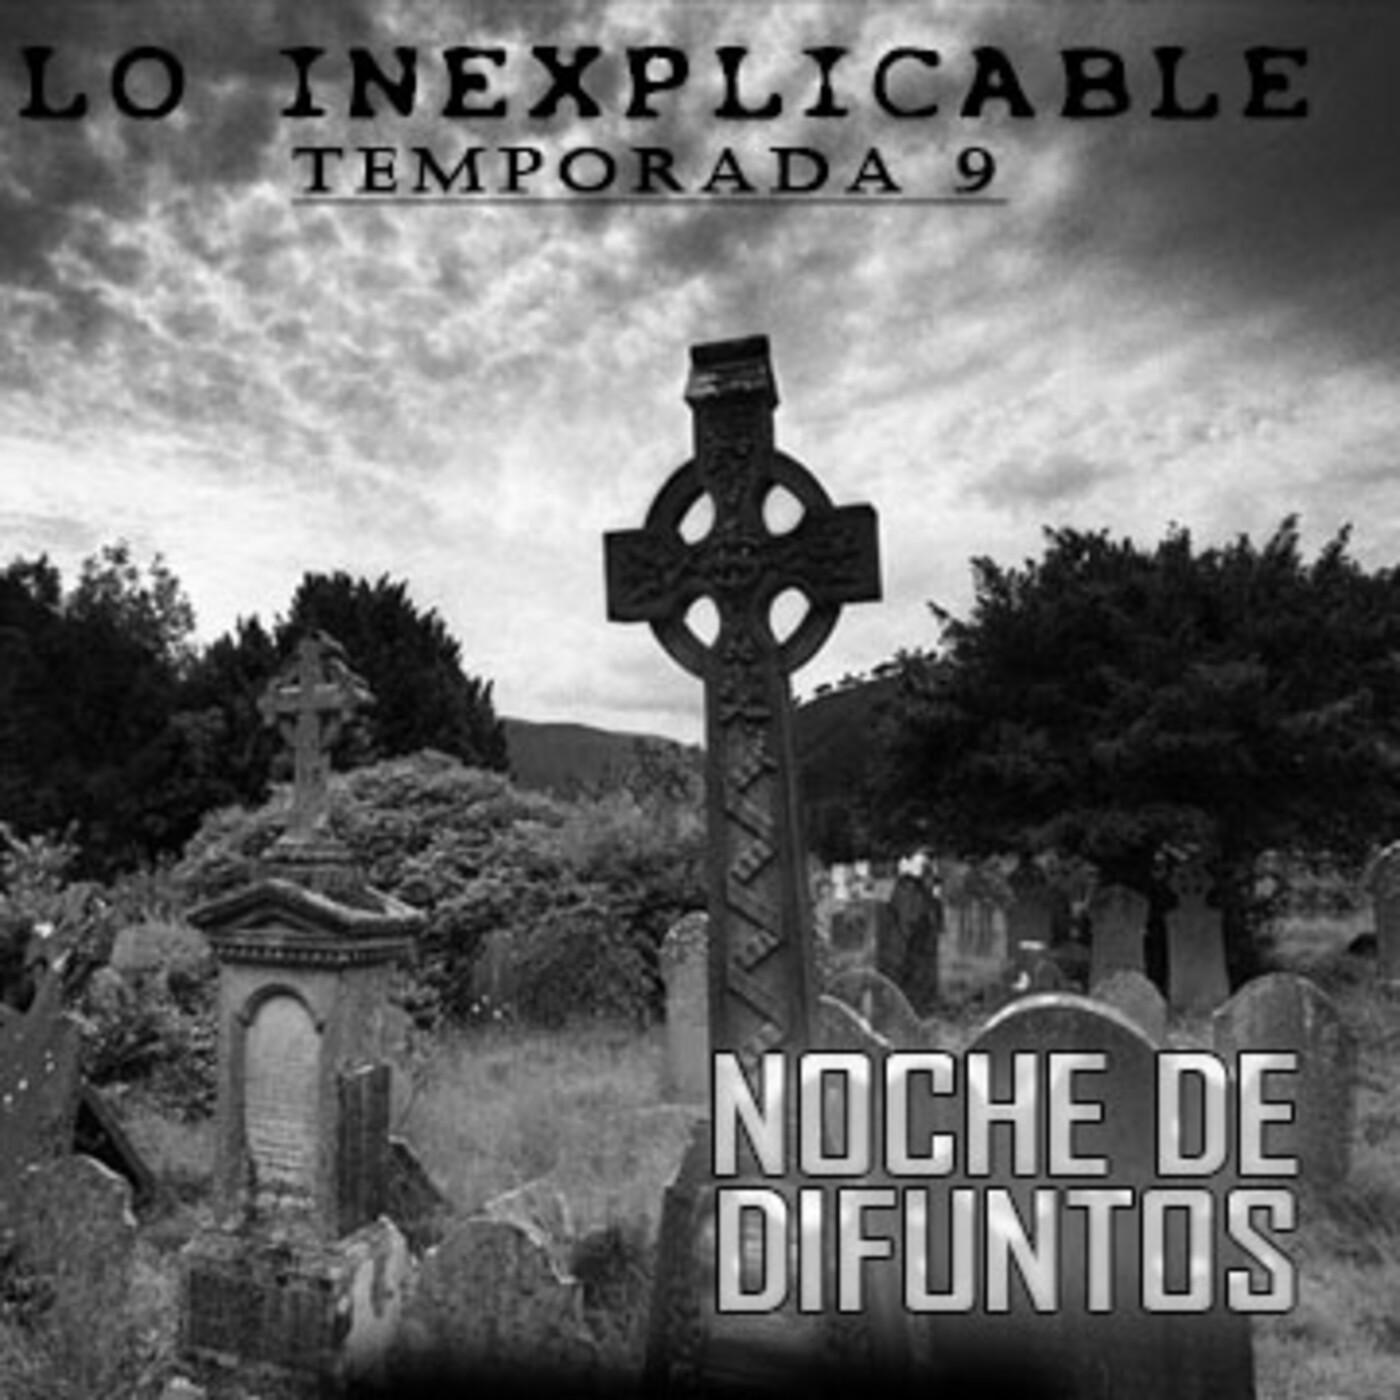 Lo Inexplicable T9 -NOCHE DE DIFUNTOS (19-10-2020)